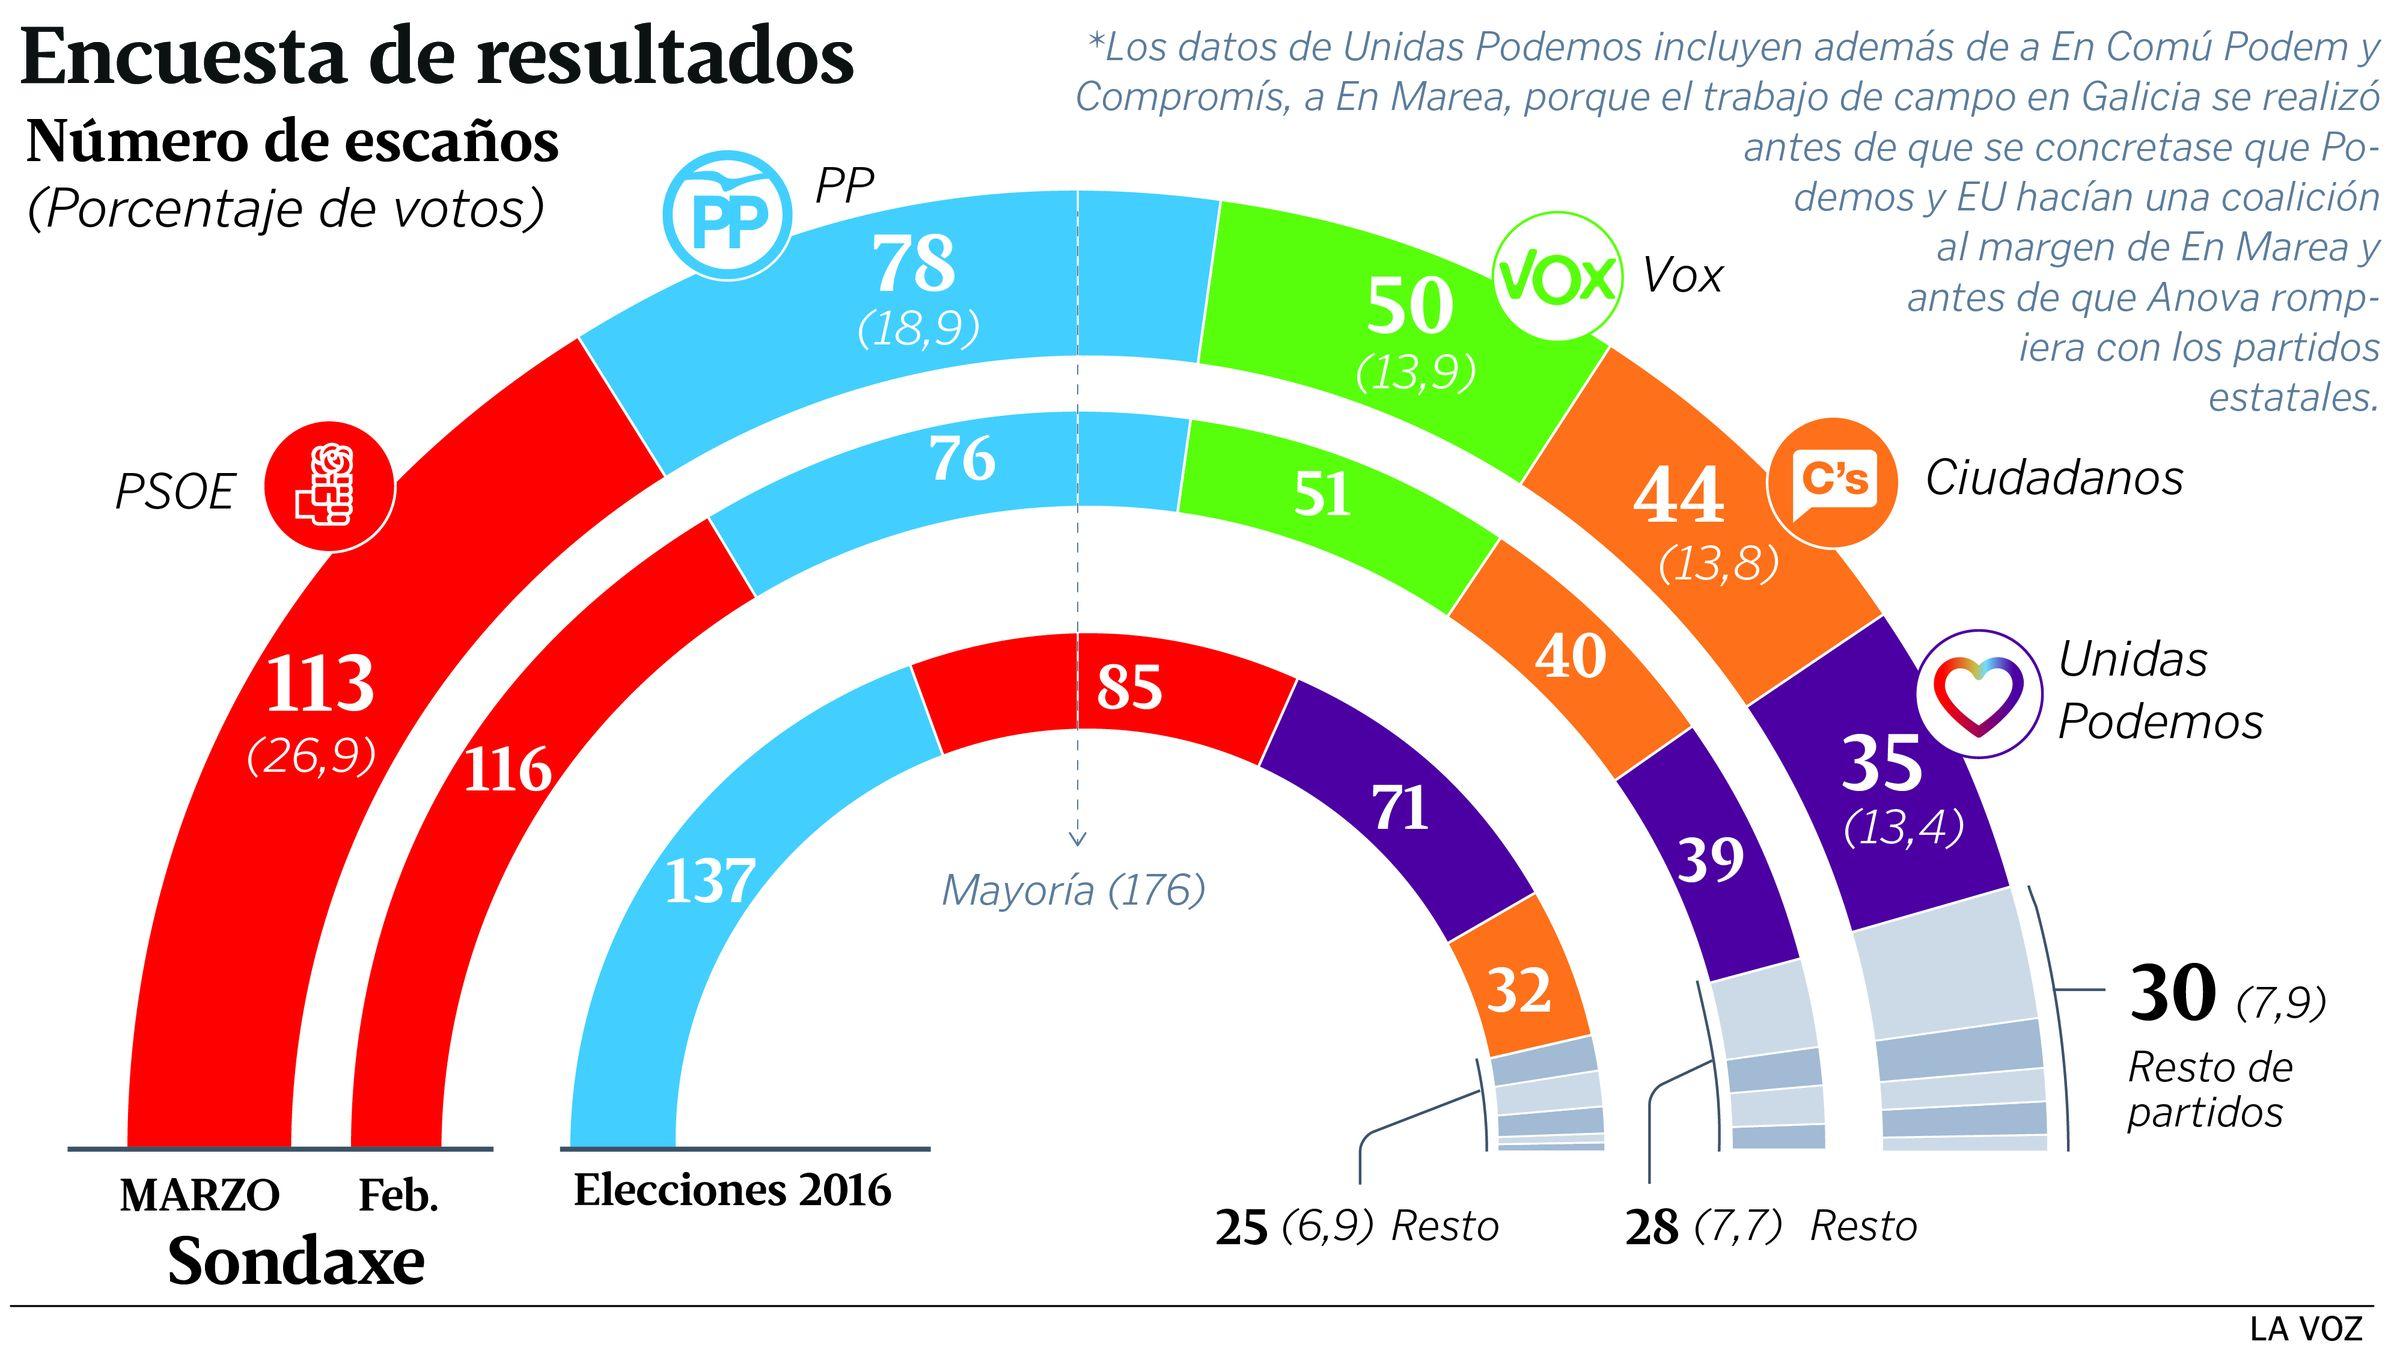 A finales de marzo, Ana Pontón logró el 98% de los apoyos para liderar el BNG.